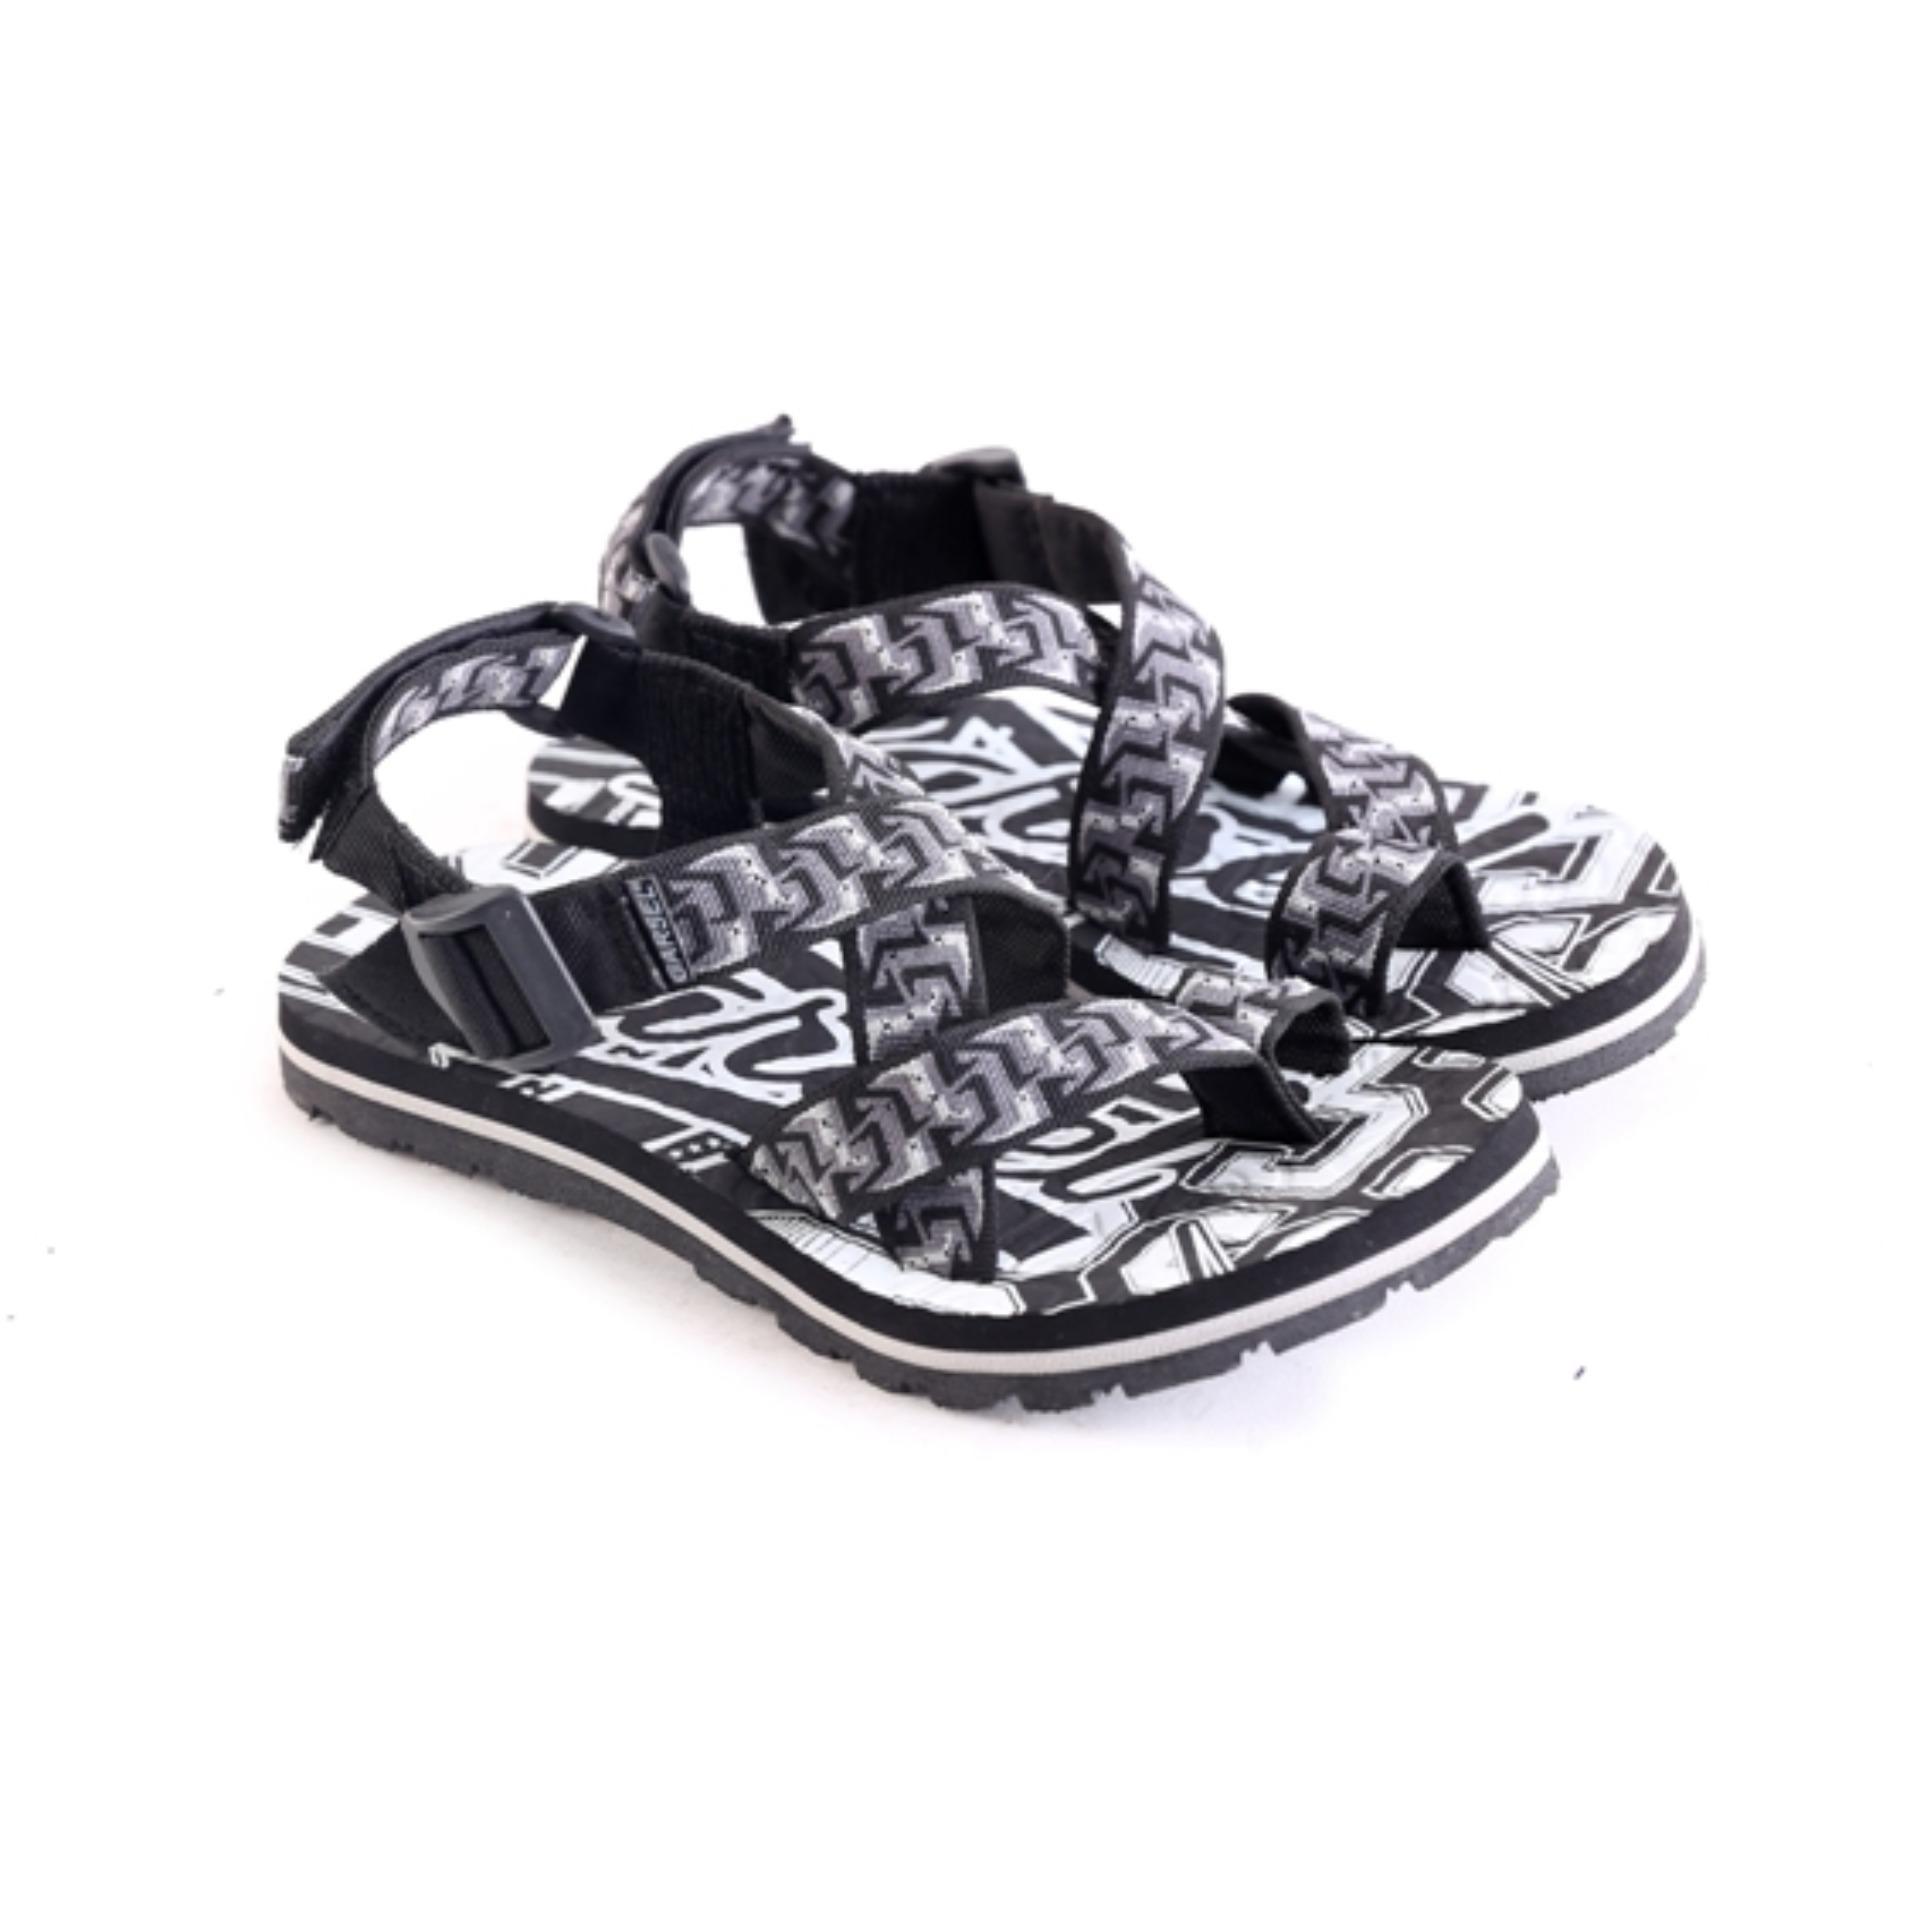 Harga Eceran sandal gunung anak laki laki sandal anak murah sendal main garsel